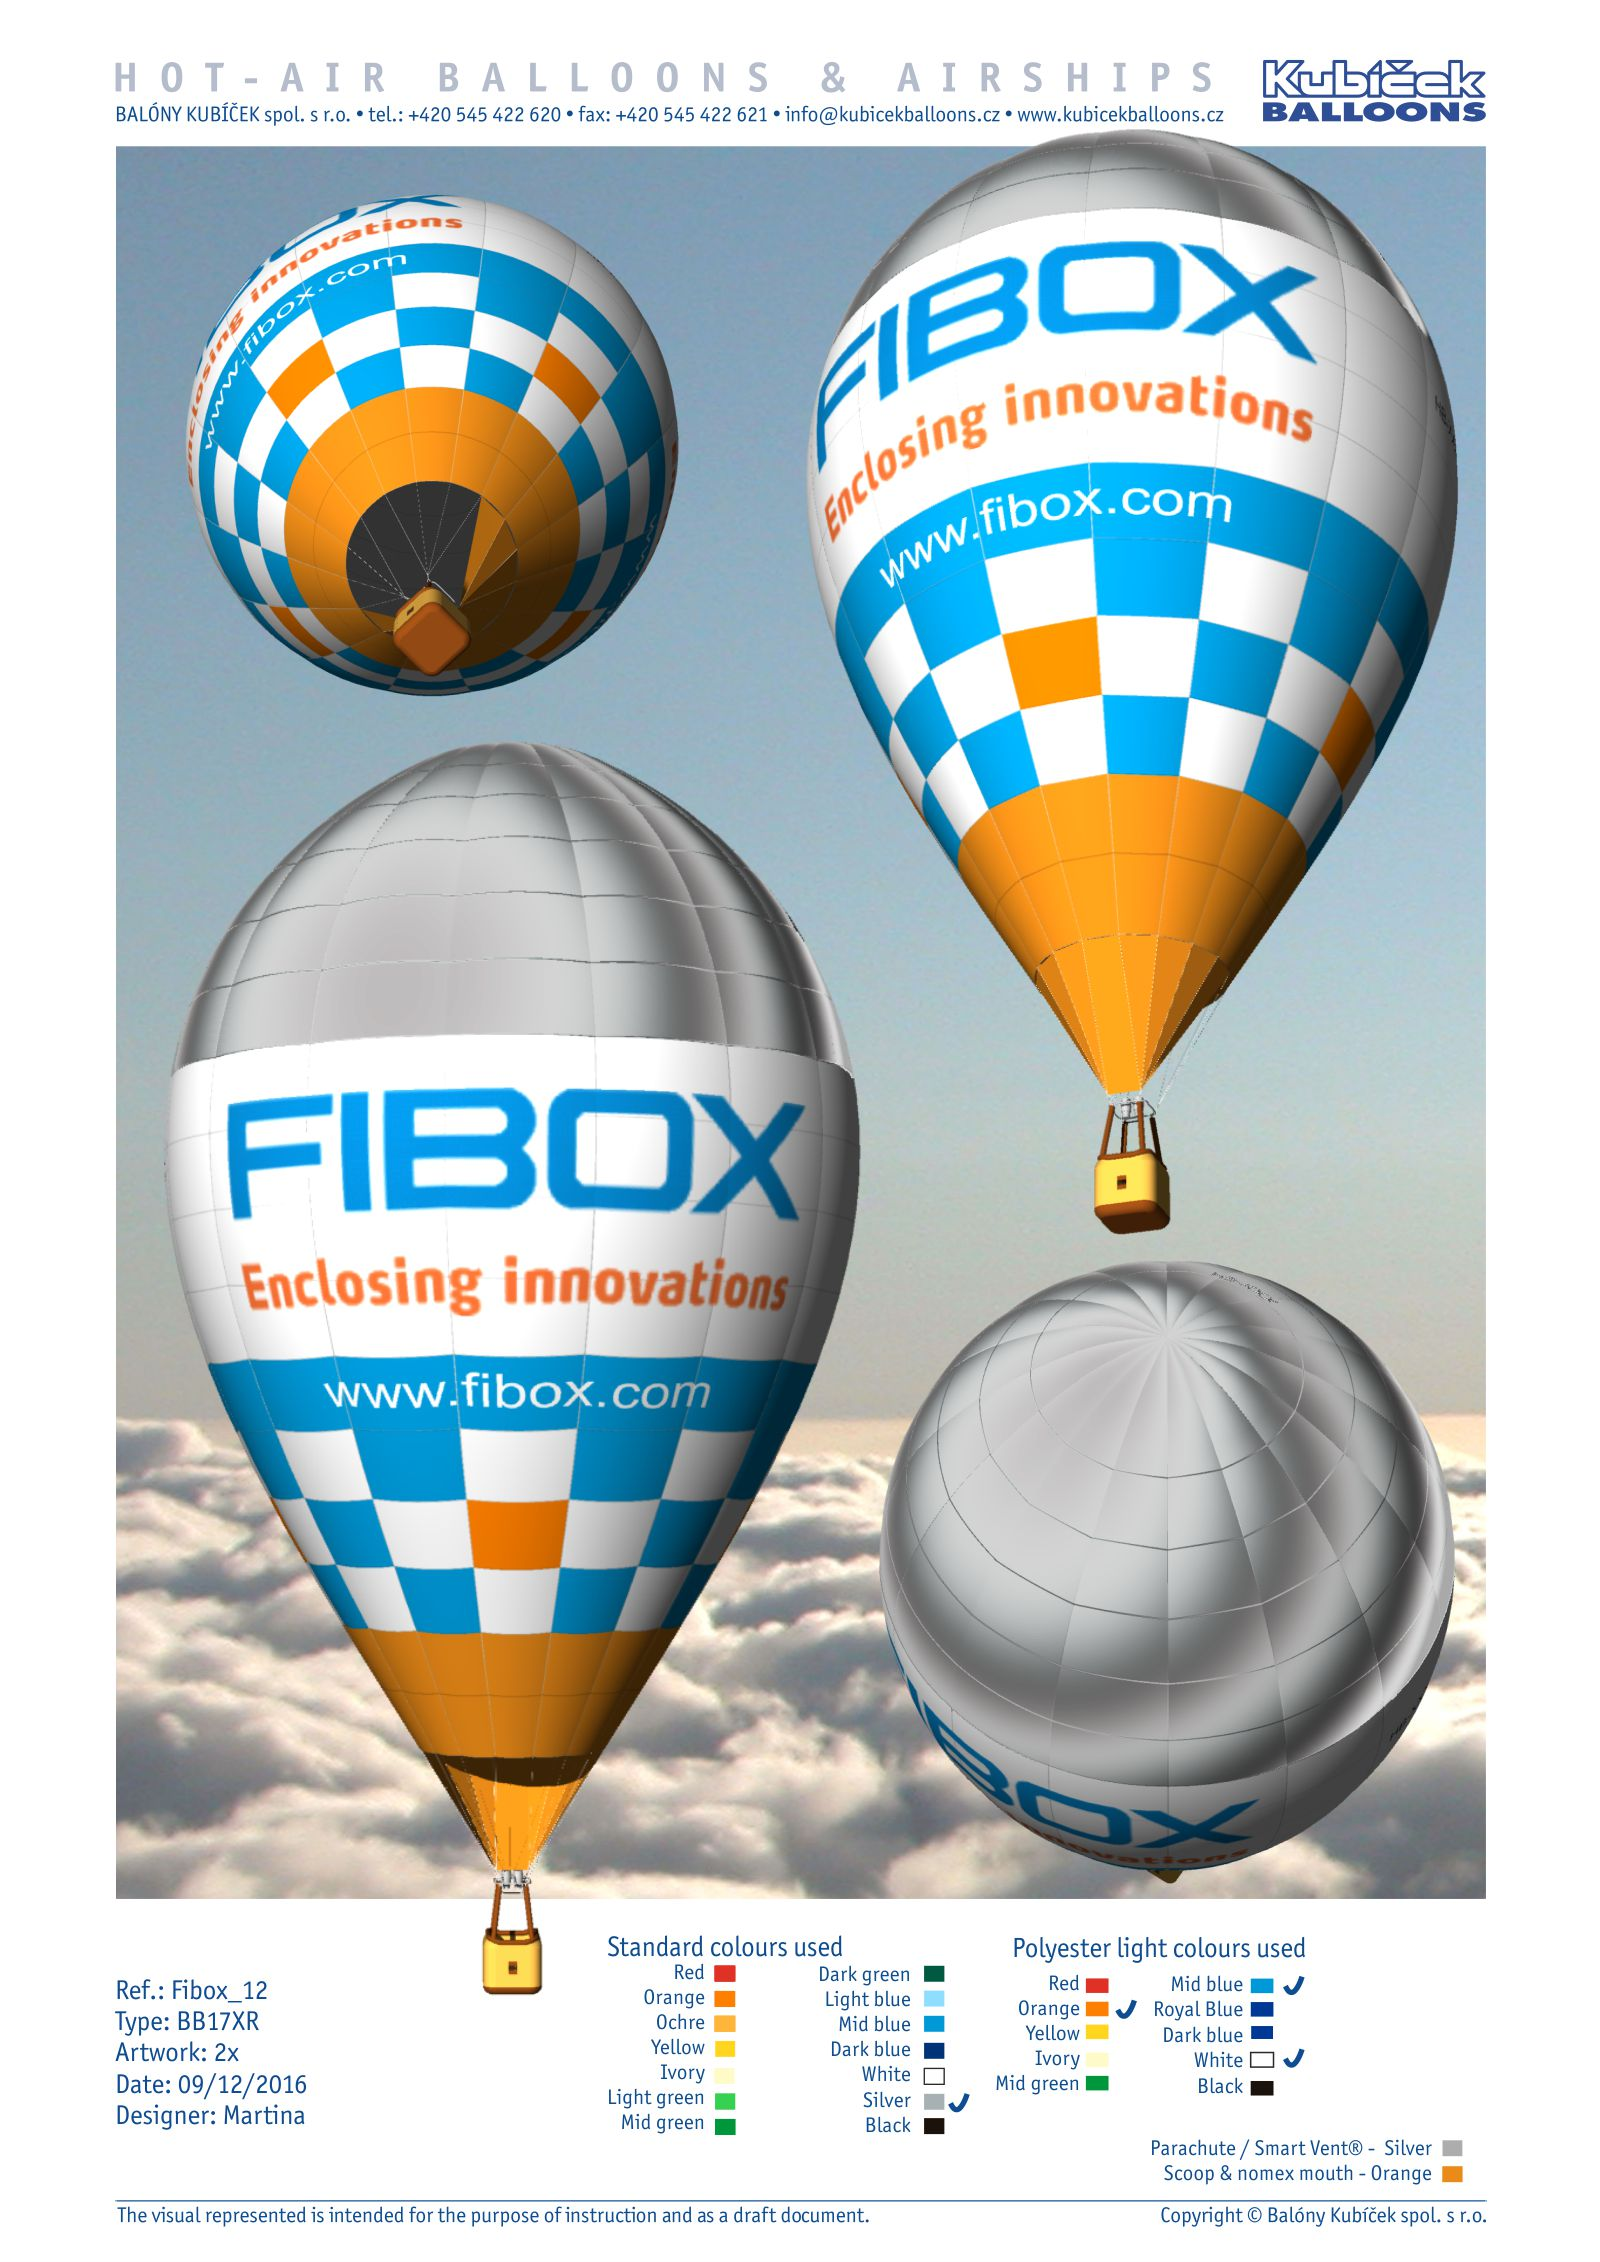 Fibox_12